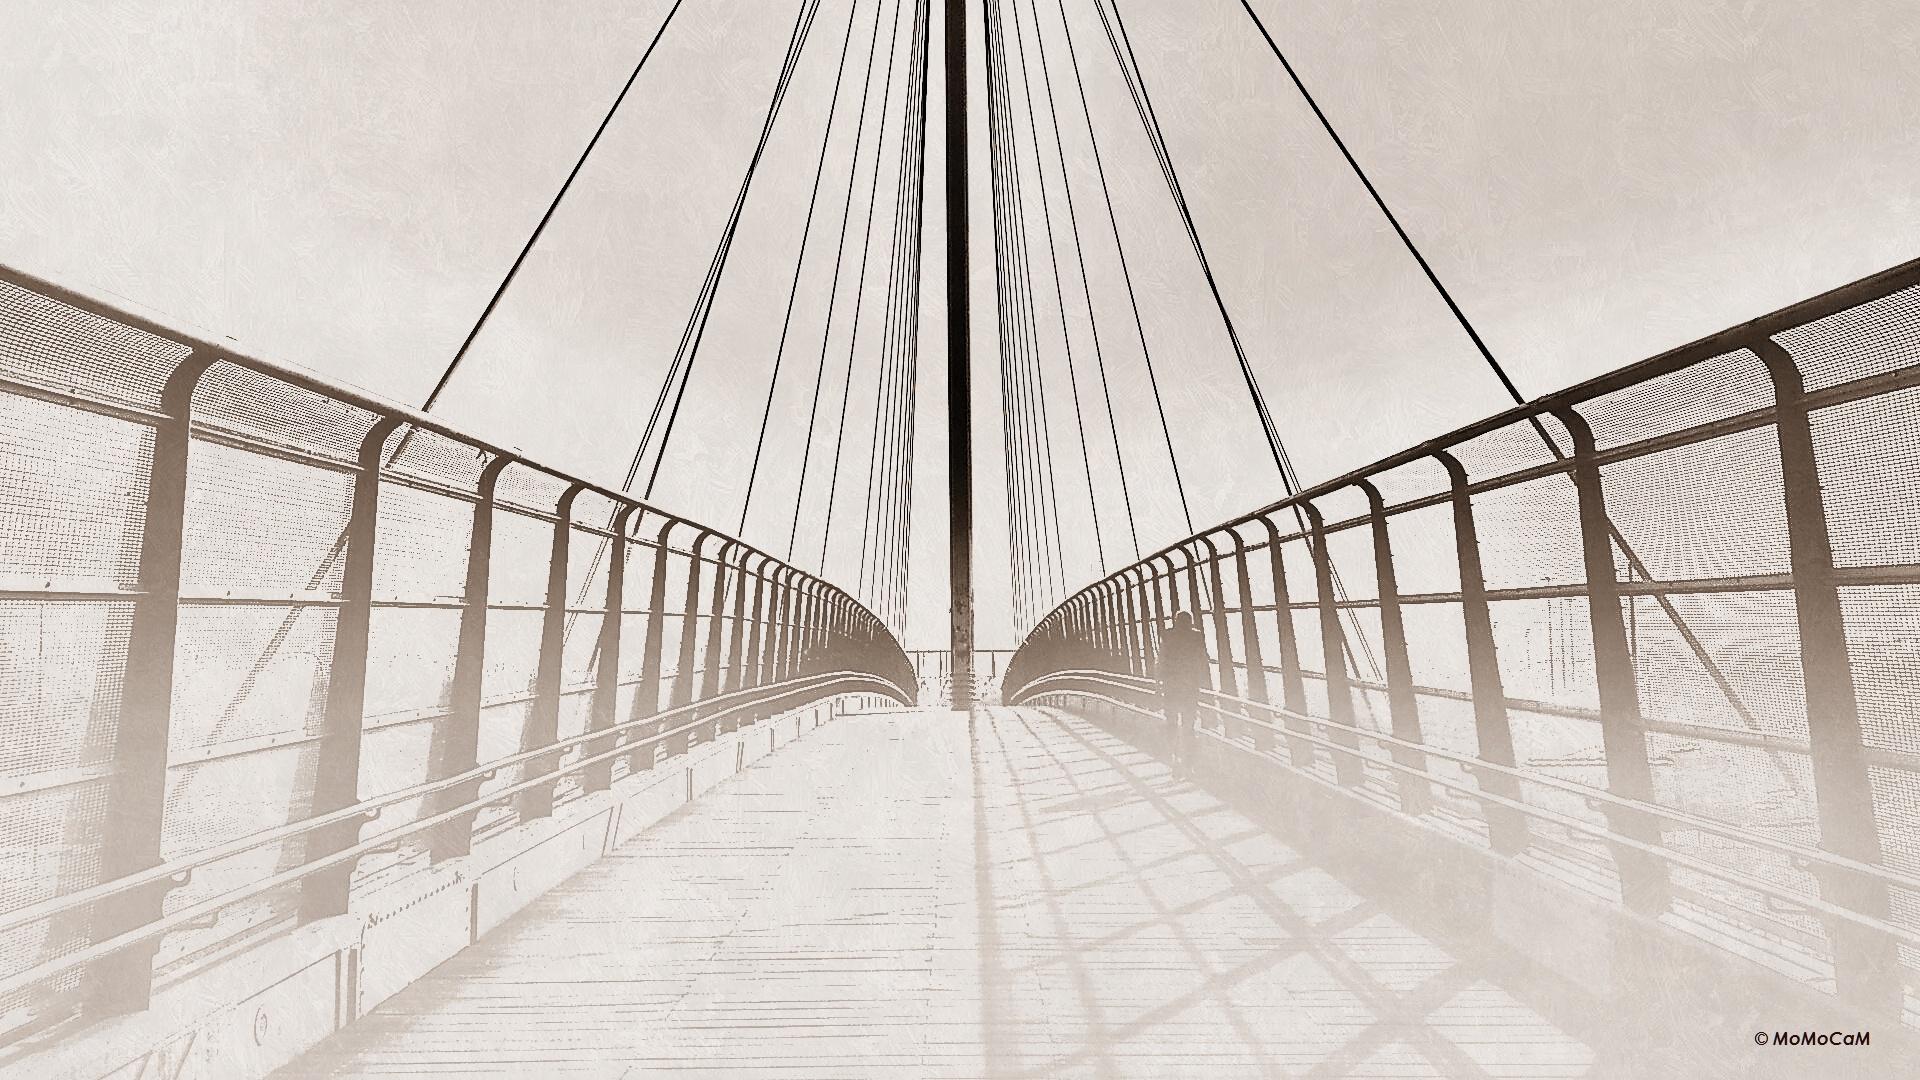 Crossing by Moheb Radwan